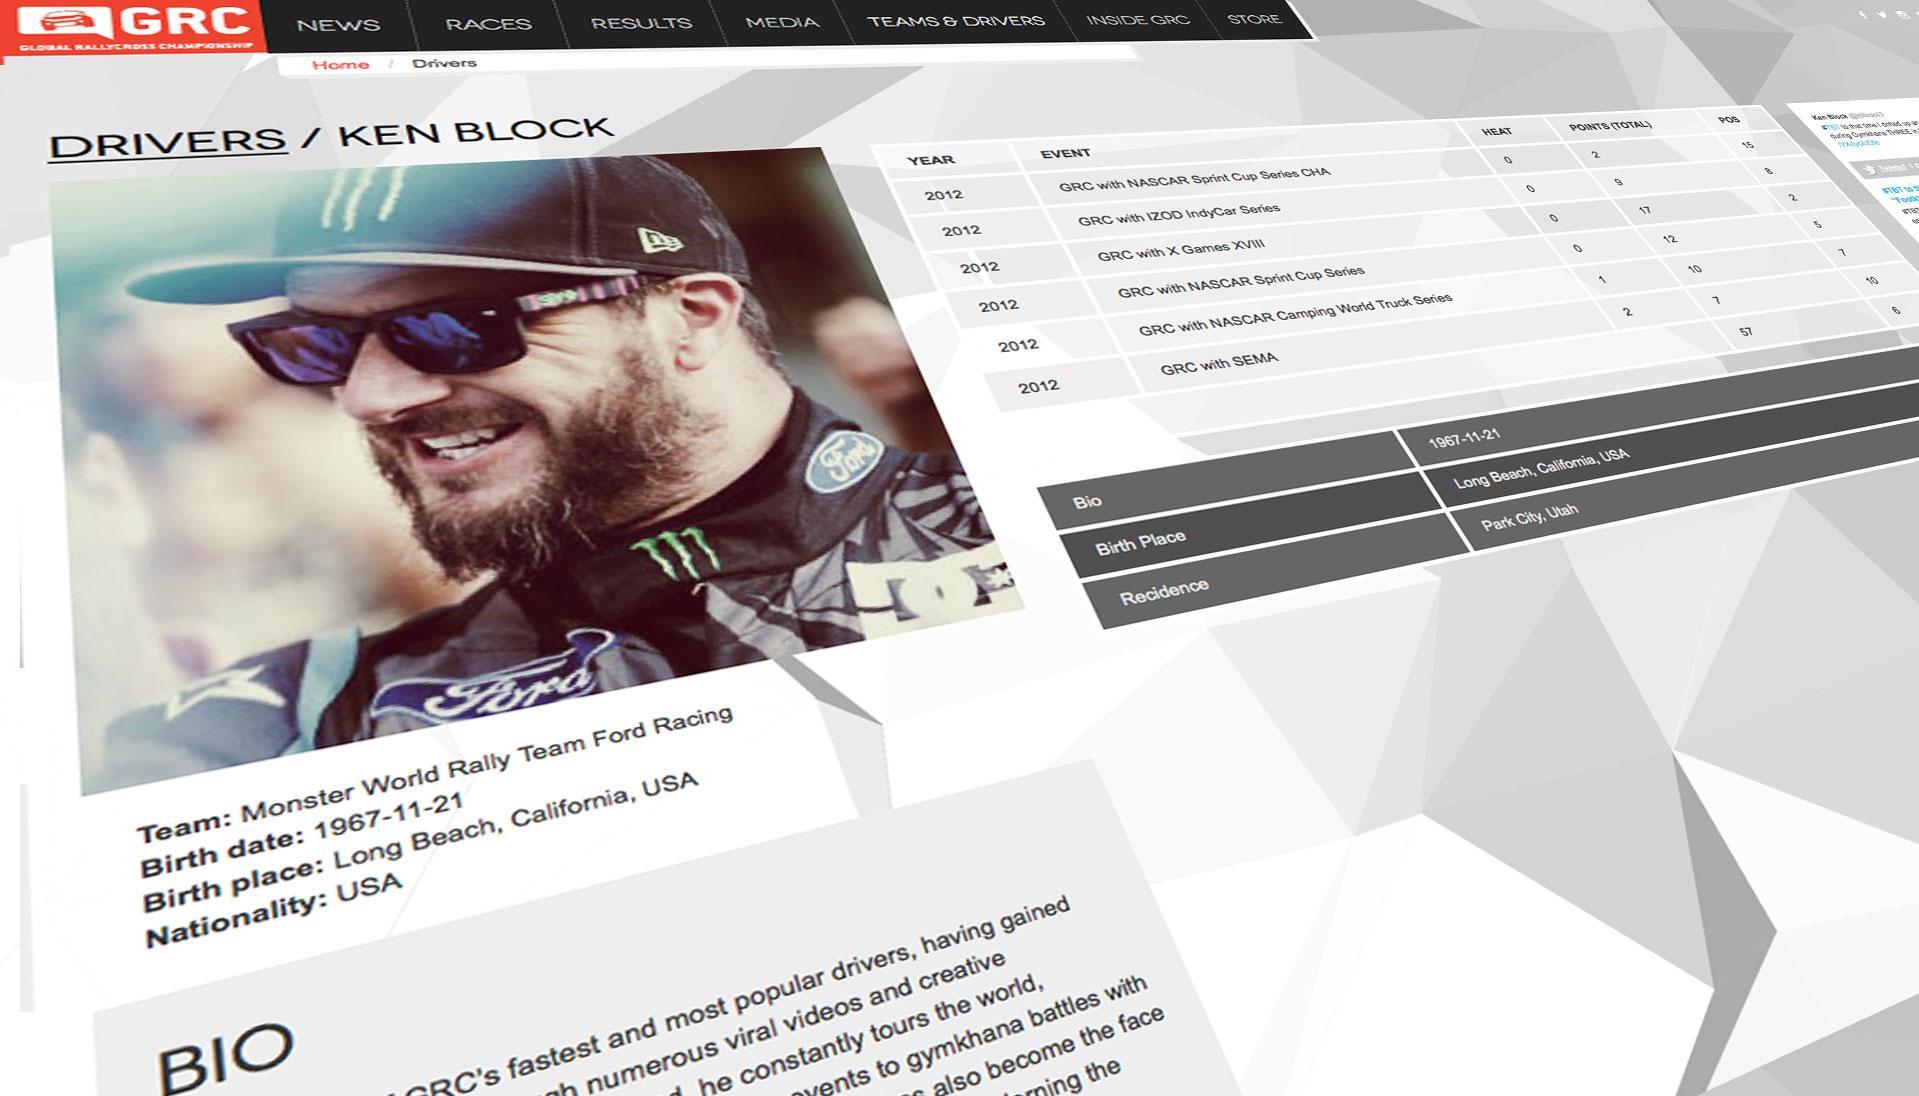 Global-Rallycross-uwwwe Uwe Zens